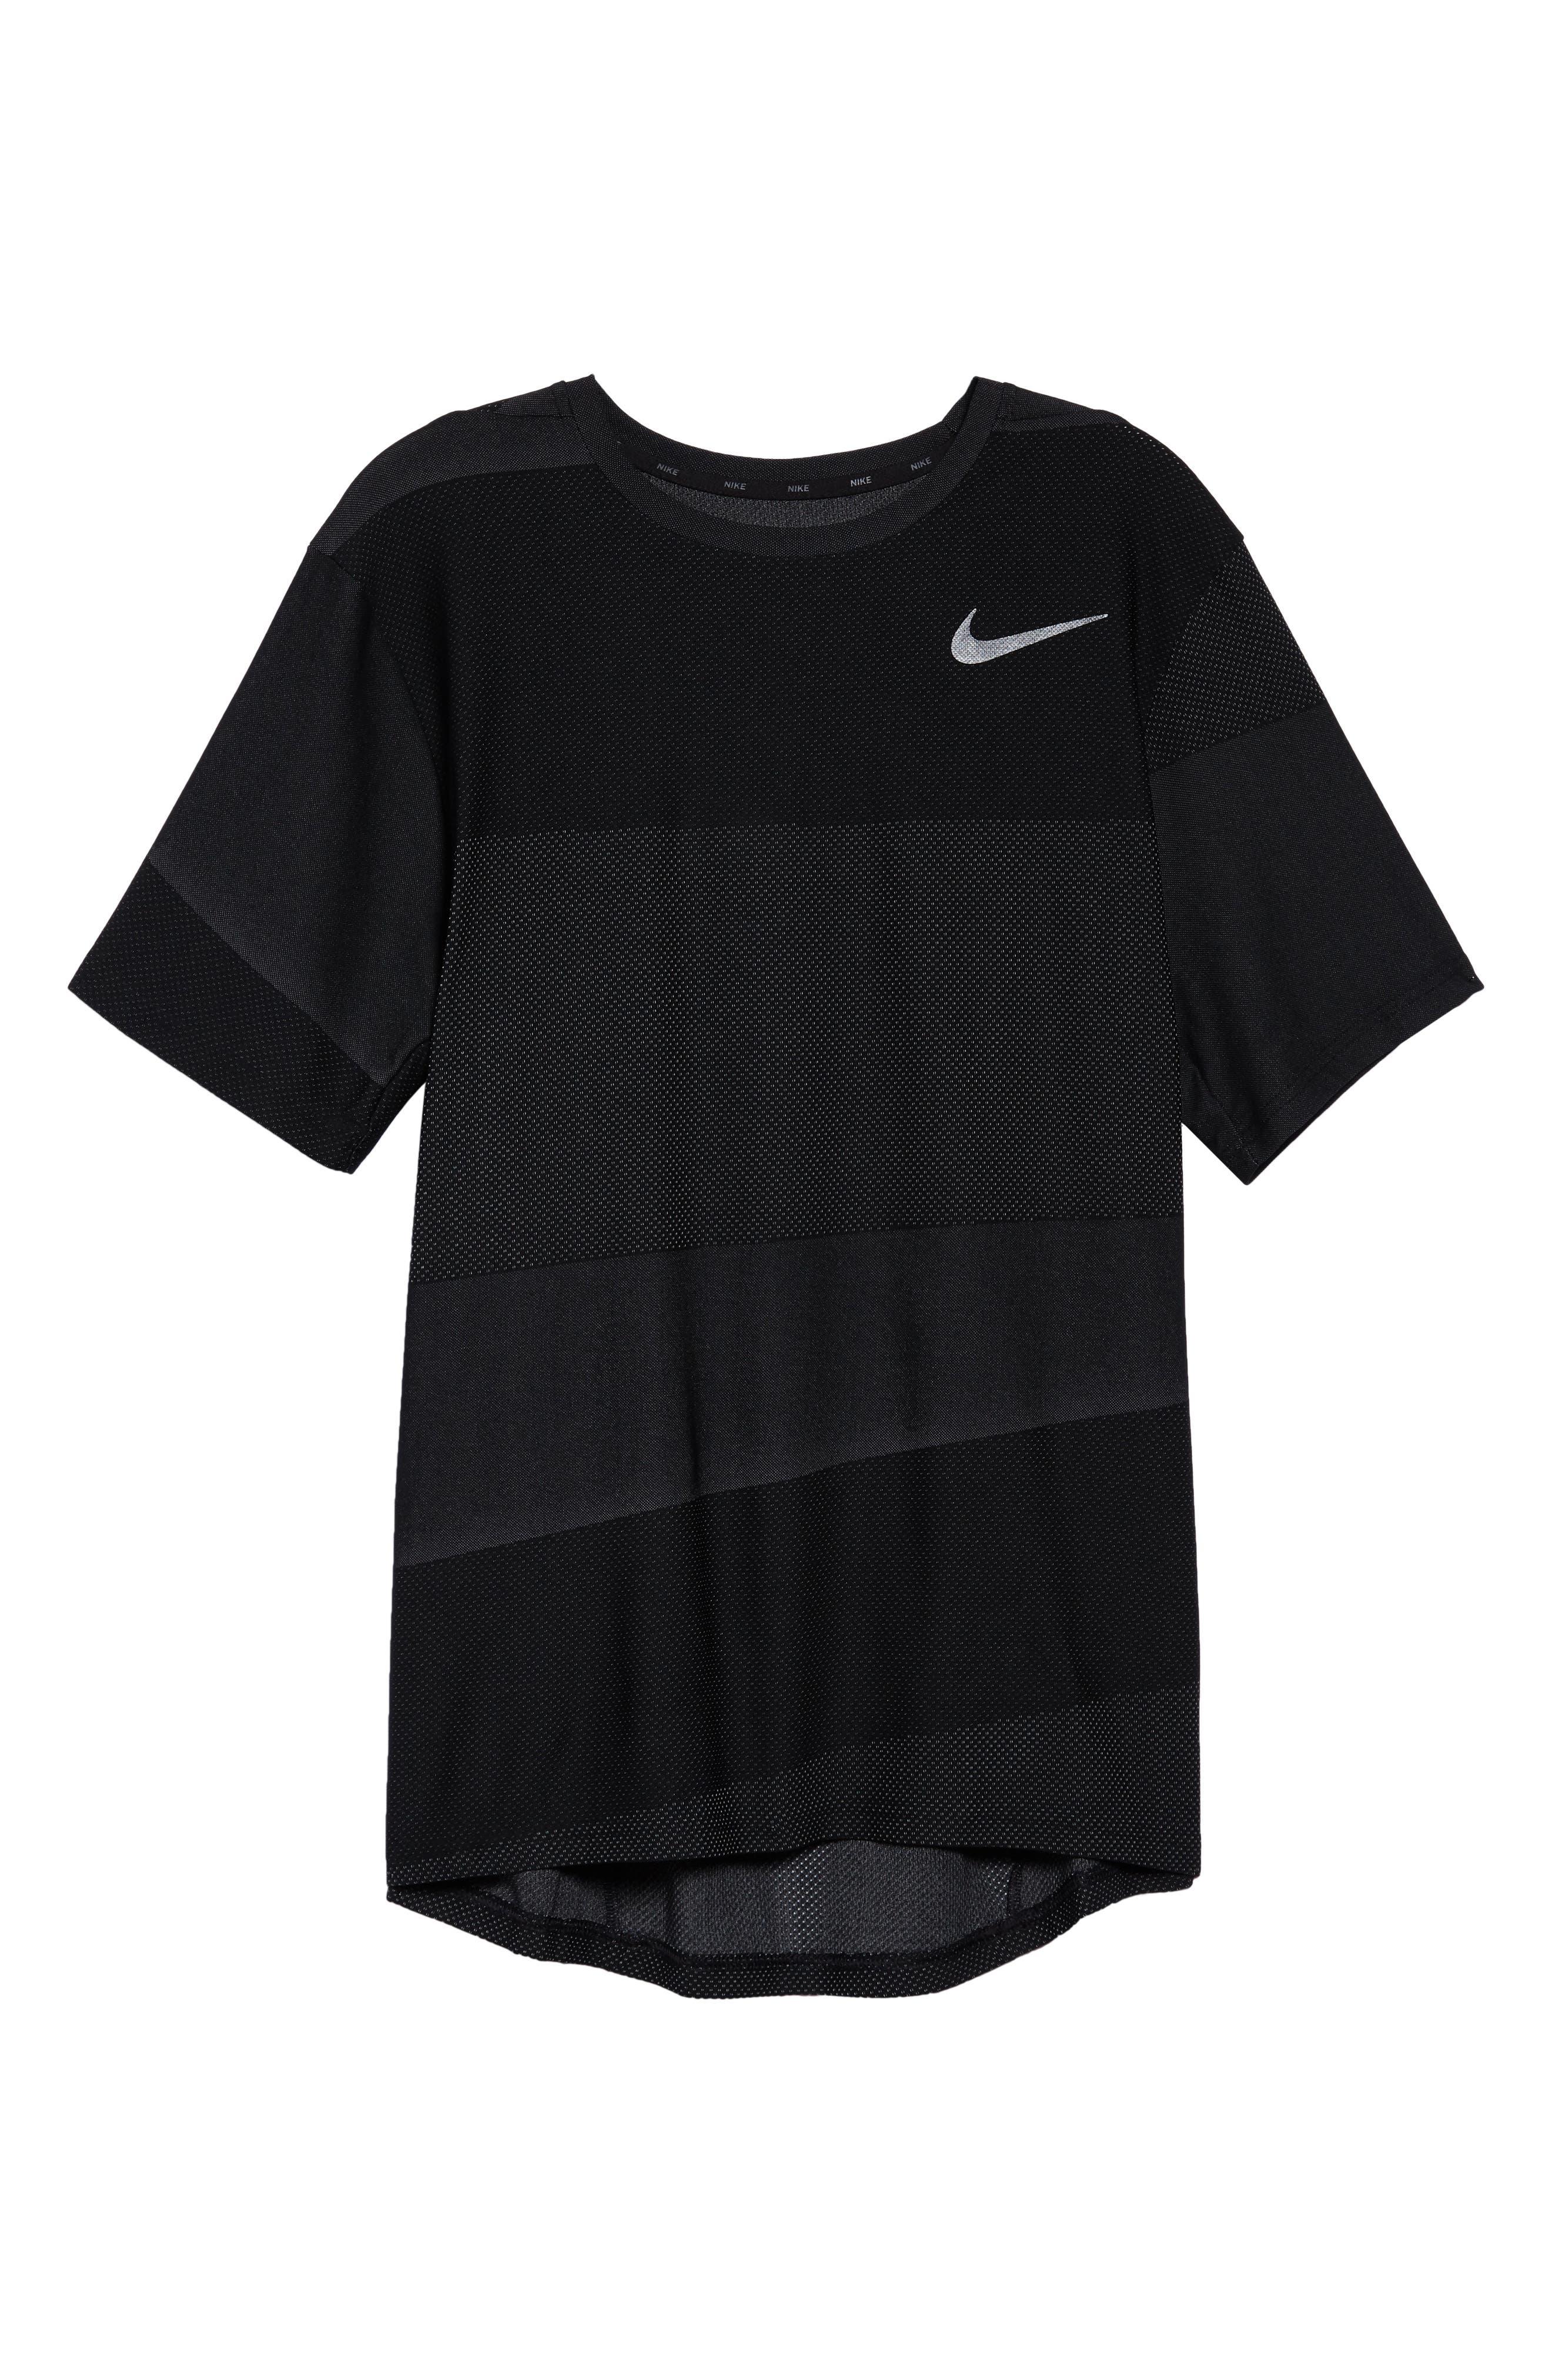 Crewneck Mesh T-Shirt,                             Alternate thumbnail 6, color,                             BLACK/ WHITE/ MTLC HEMATITE